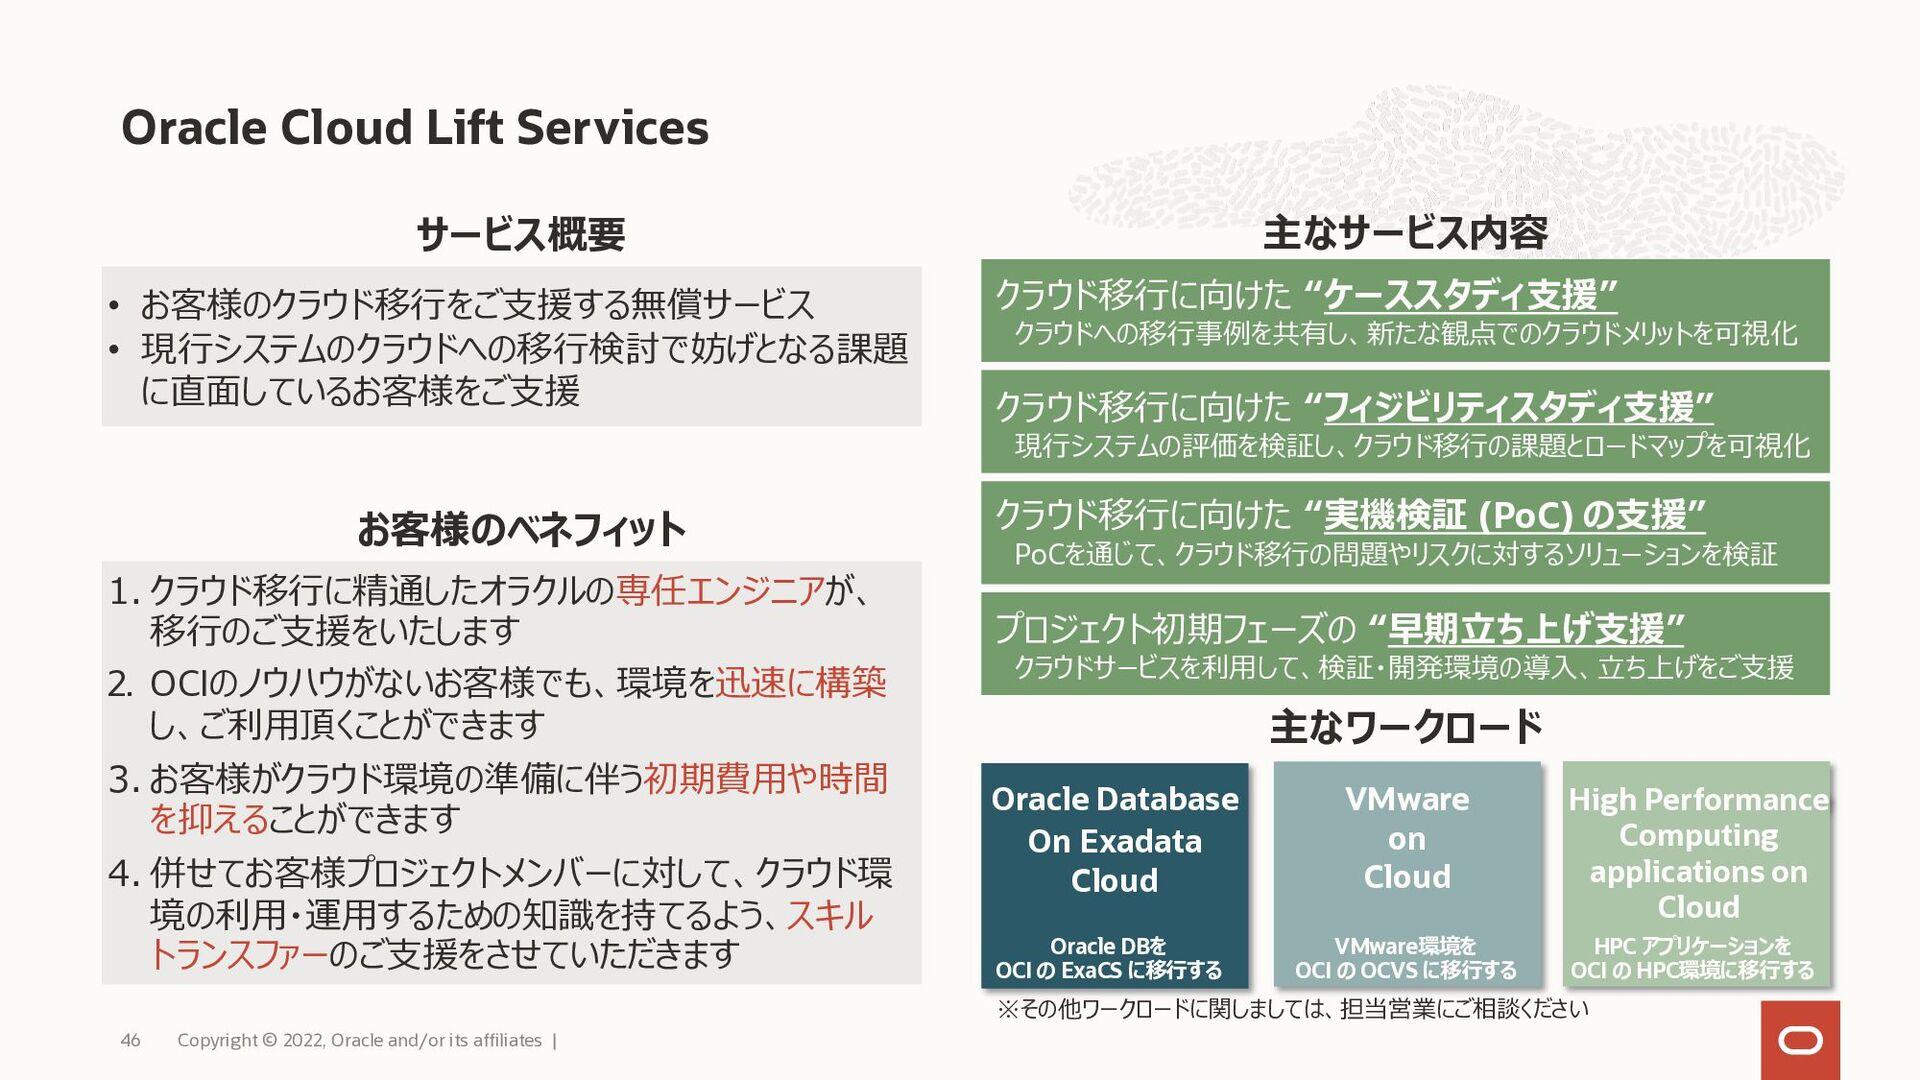 2021年10⽉現在︓31リージョン提供中、さらに13リージョン計画 Oracle Cloud...